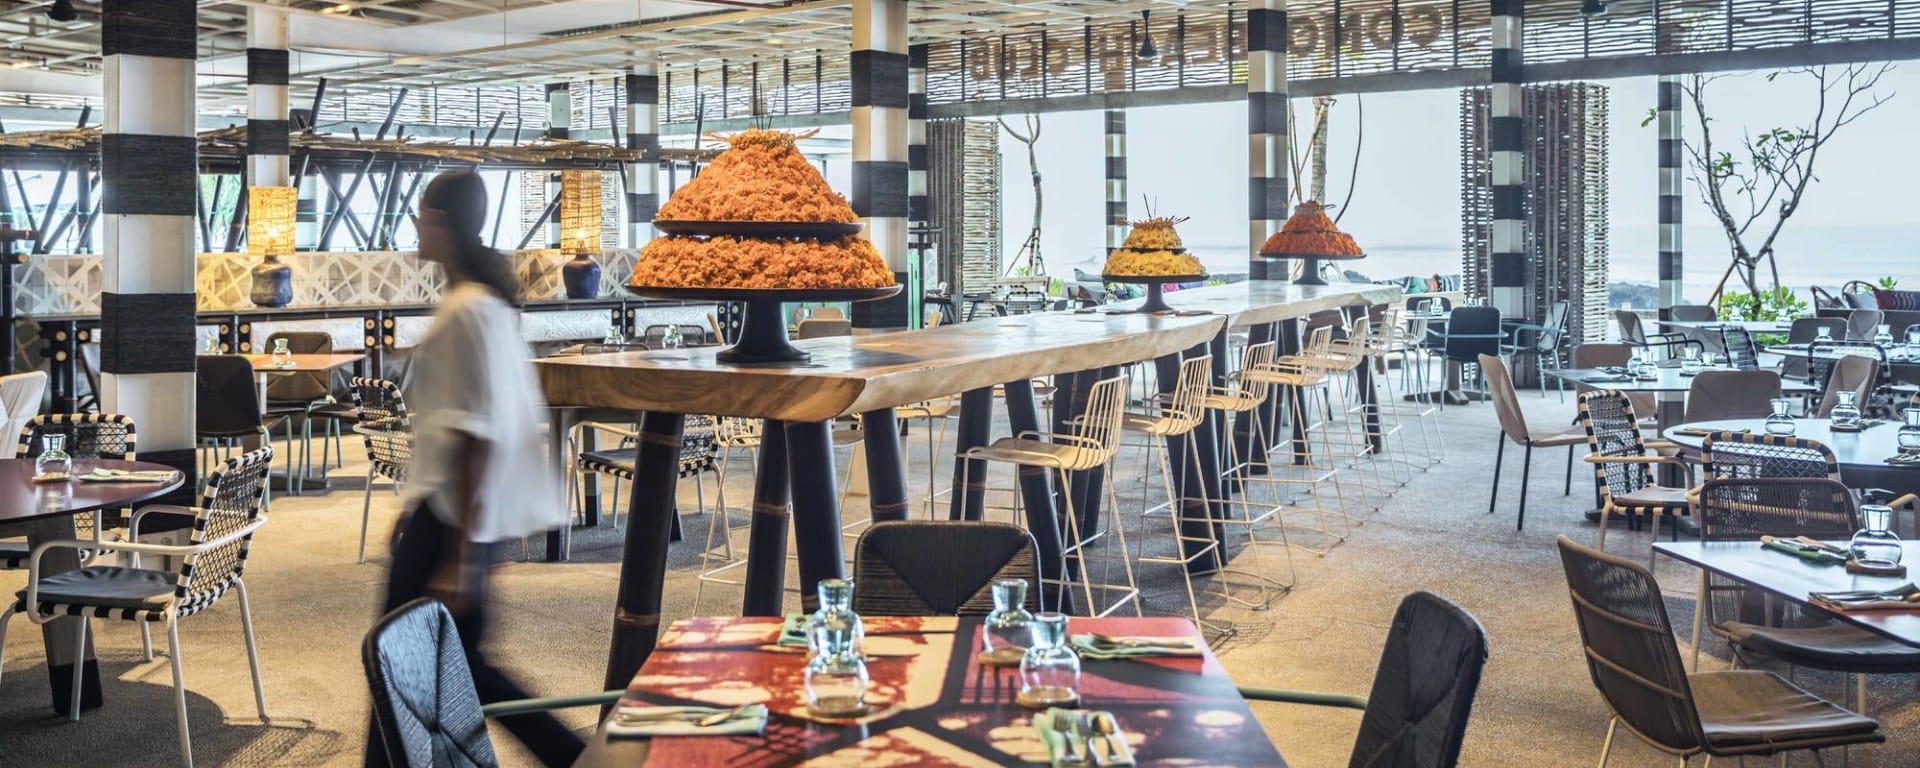 COMO Uma Canggu in Südbali: Beach Club - Restaurant